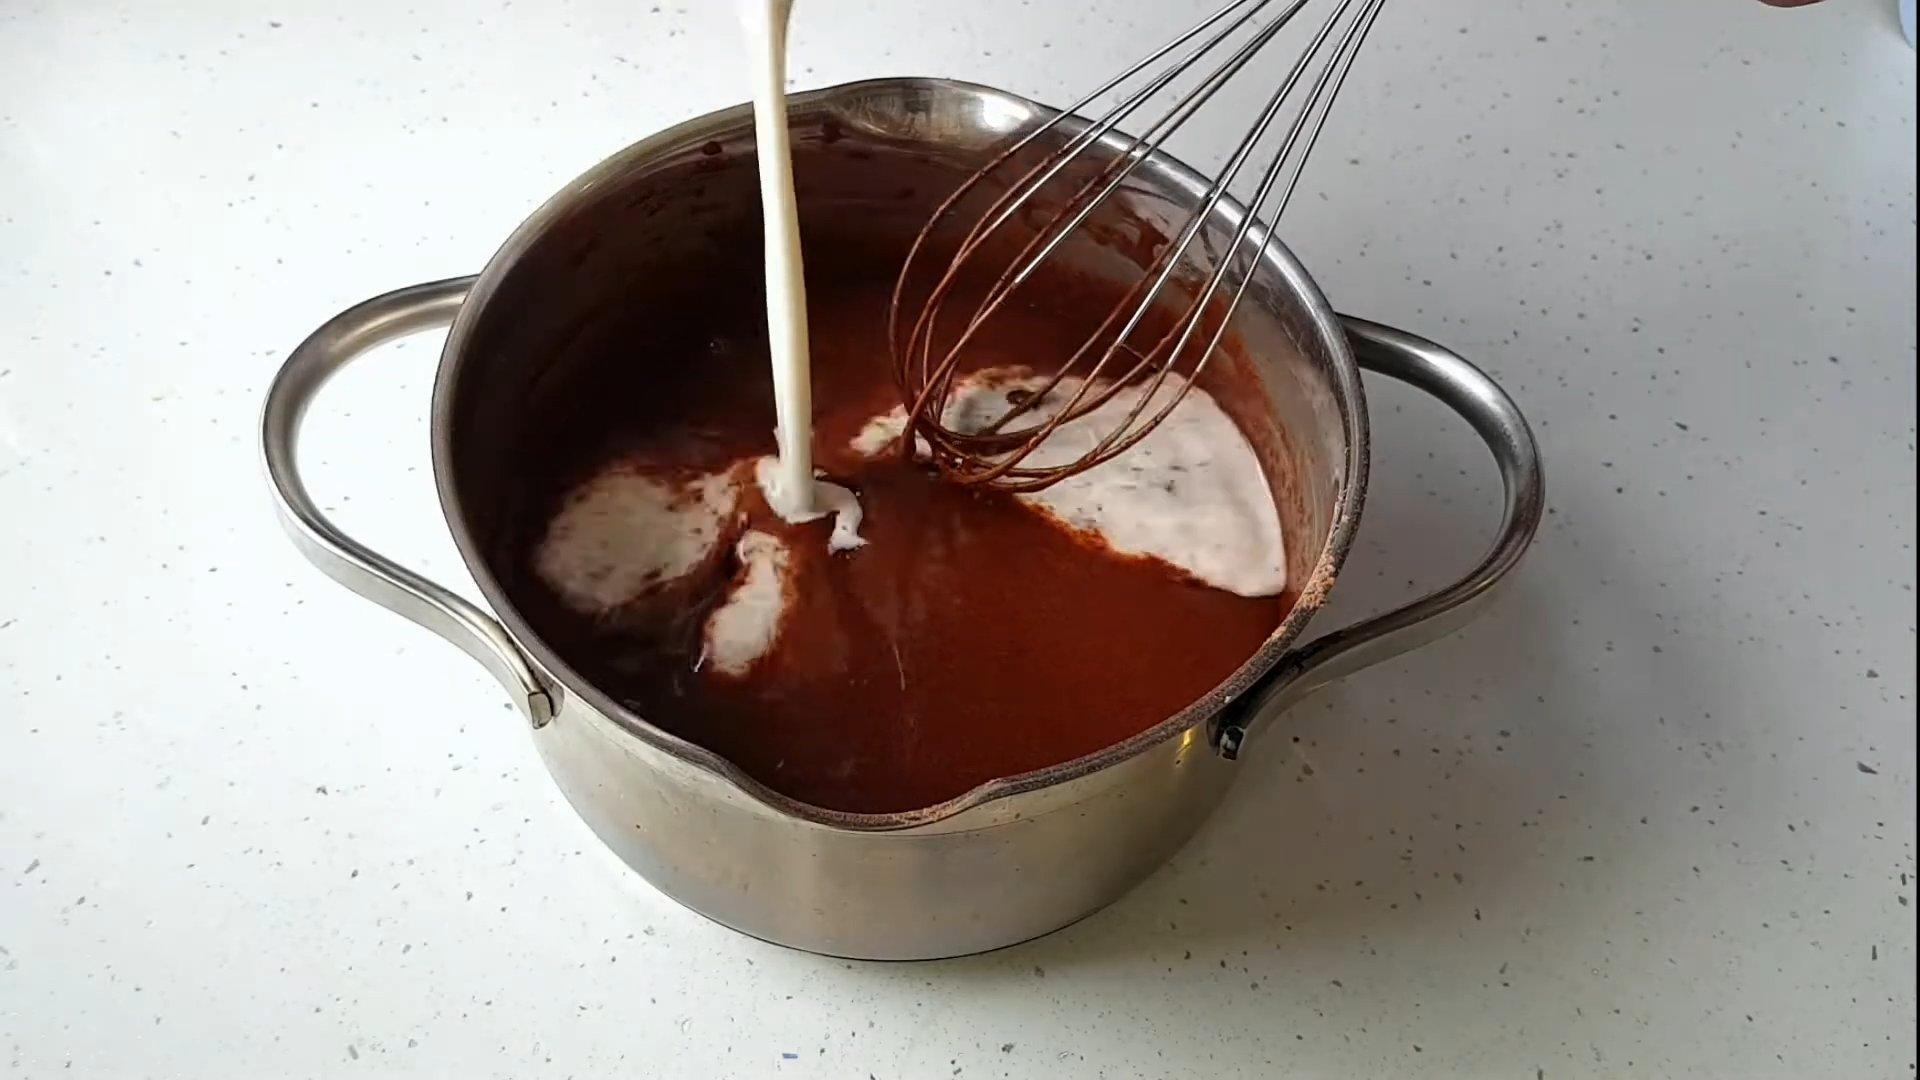 Рецепт - Шоколадный крем для эклеров - шаг 5-2